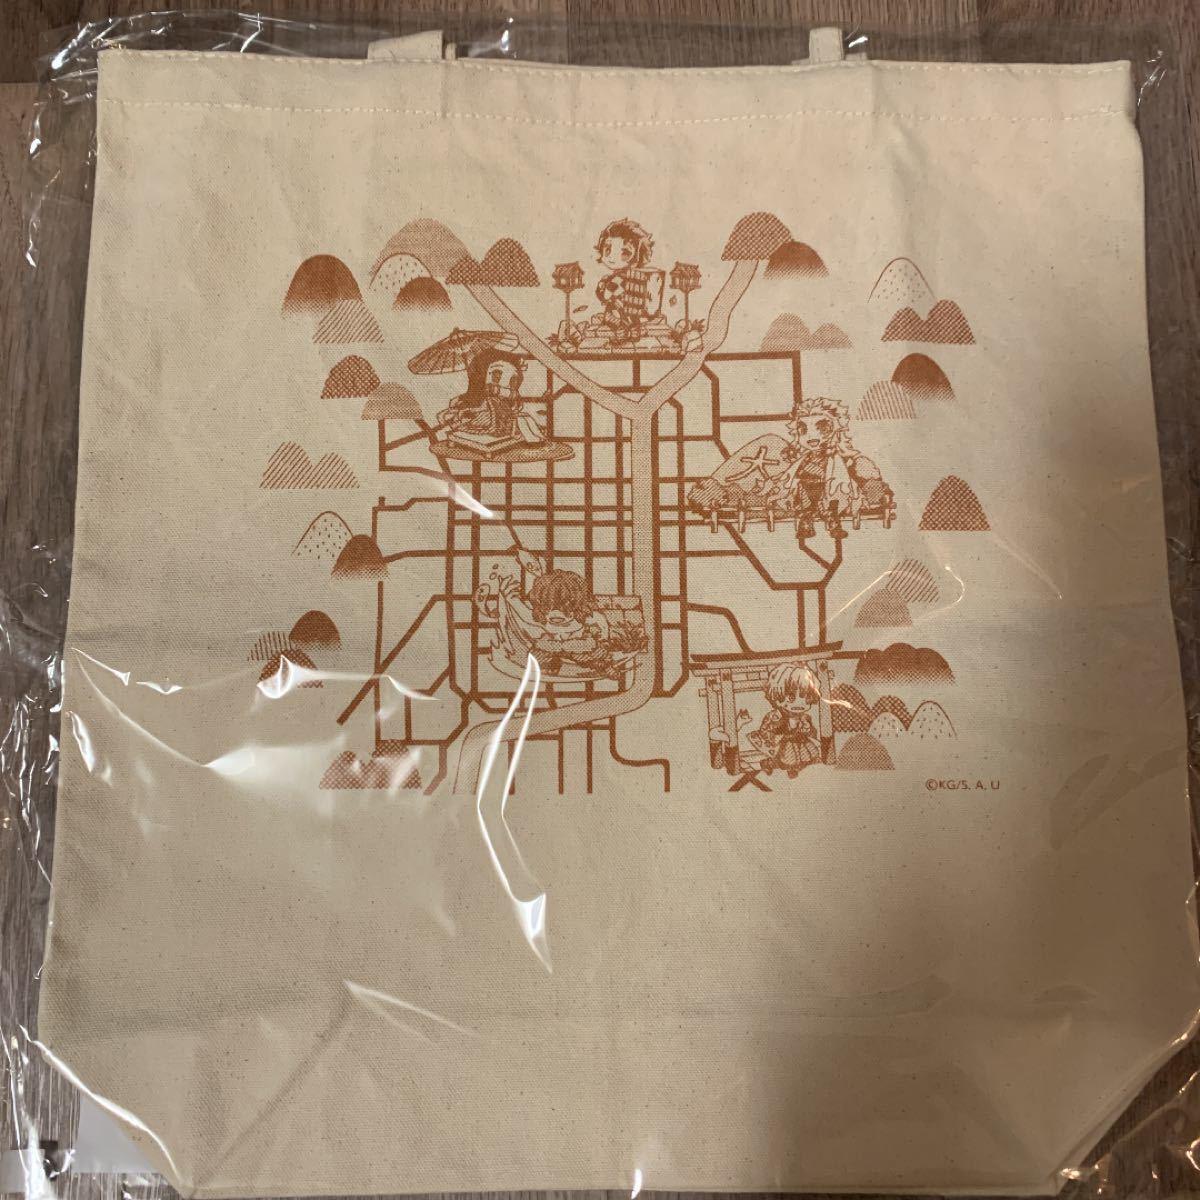 鬼滅の刃 京ノ御仕事弐 トートバッグ(京の都マップトートバッグ)